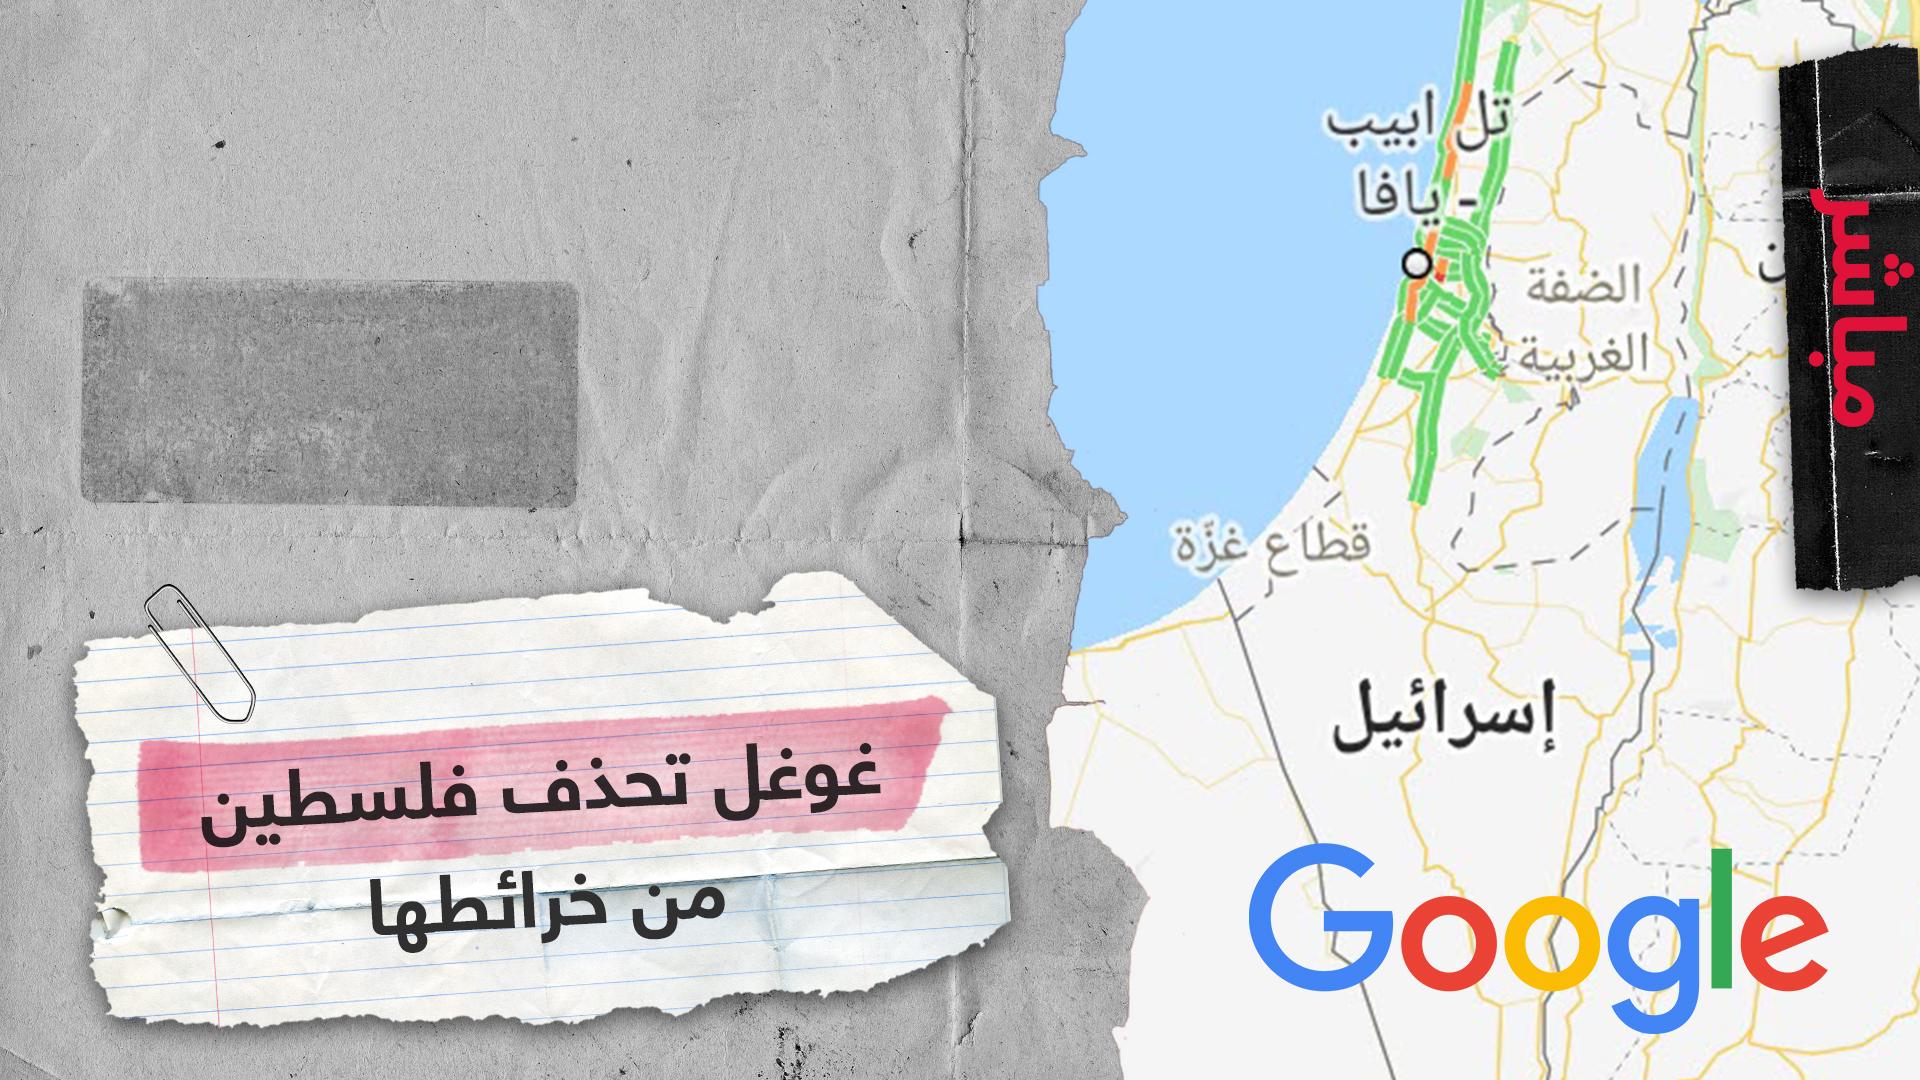 اختفاء اسم فلسطين من خرائط غوغل يشعل منصات التواصل الاجتماعي العربية